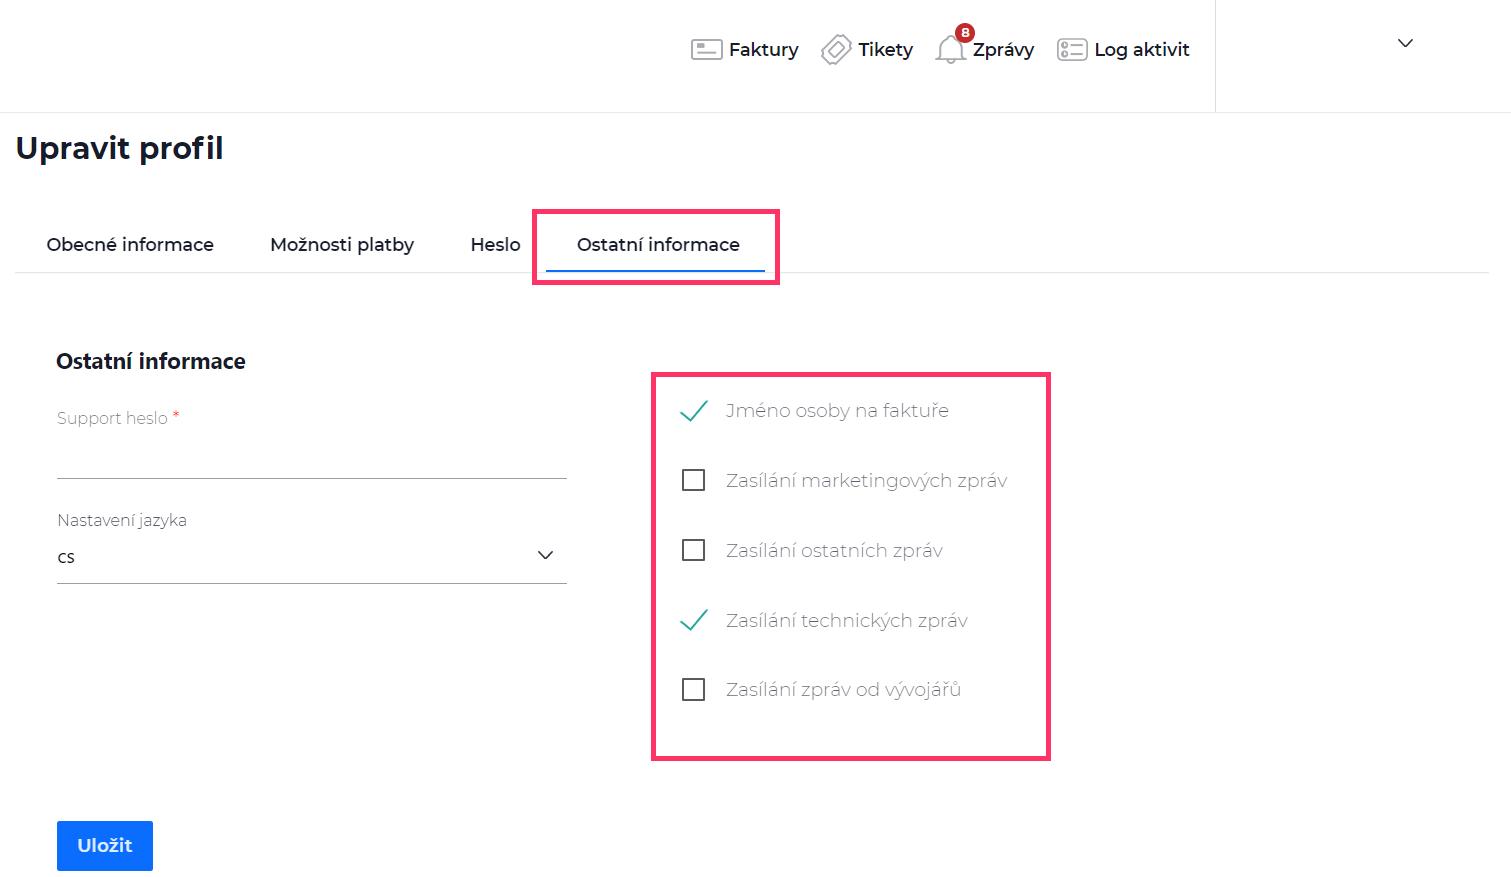 Screenshot – po kliknutí na položku Ostatní informace se zobrazí výběr typů zpráv, které si můžete nechat přeposílat na e-mail